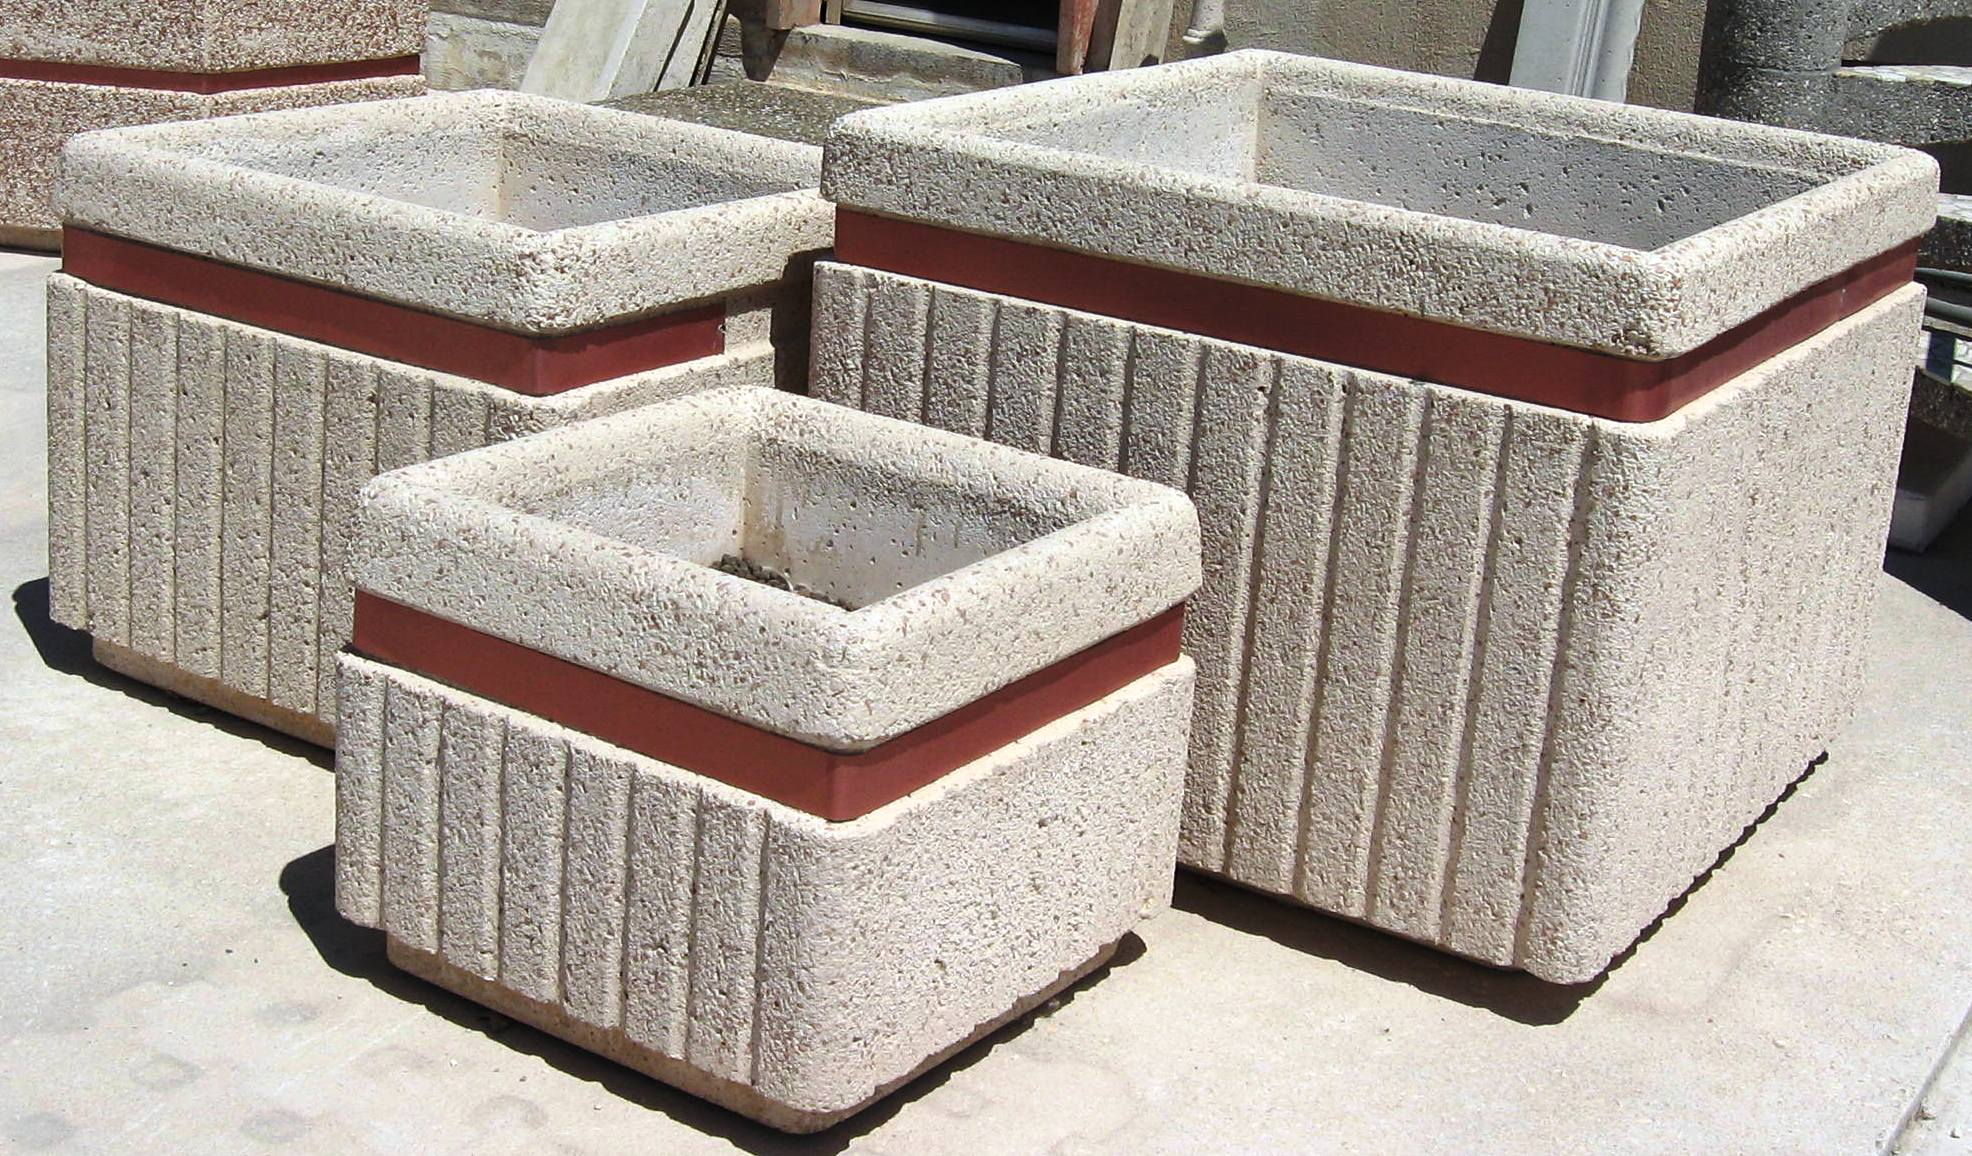 Fioriere pastore prefabbricati casamassima for Colonne quadrate decorative